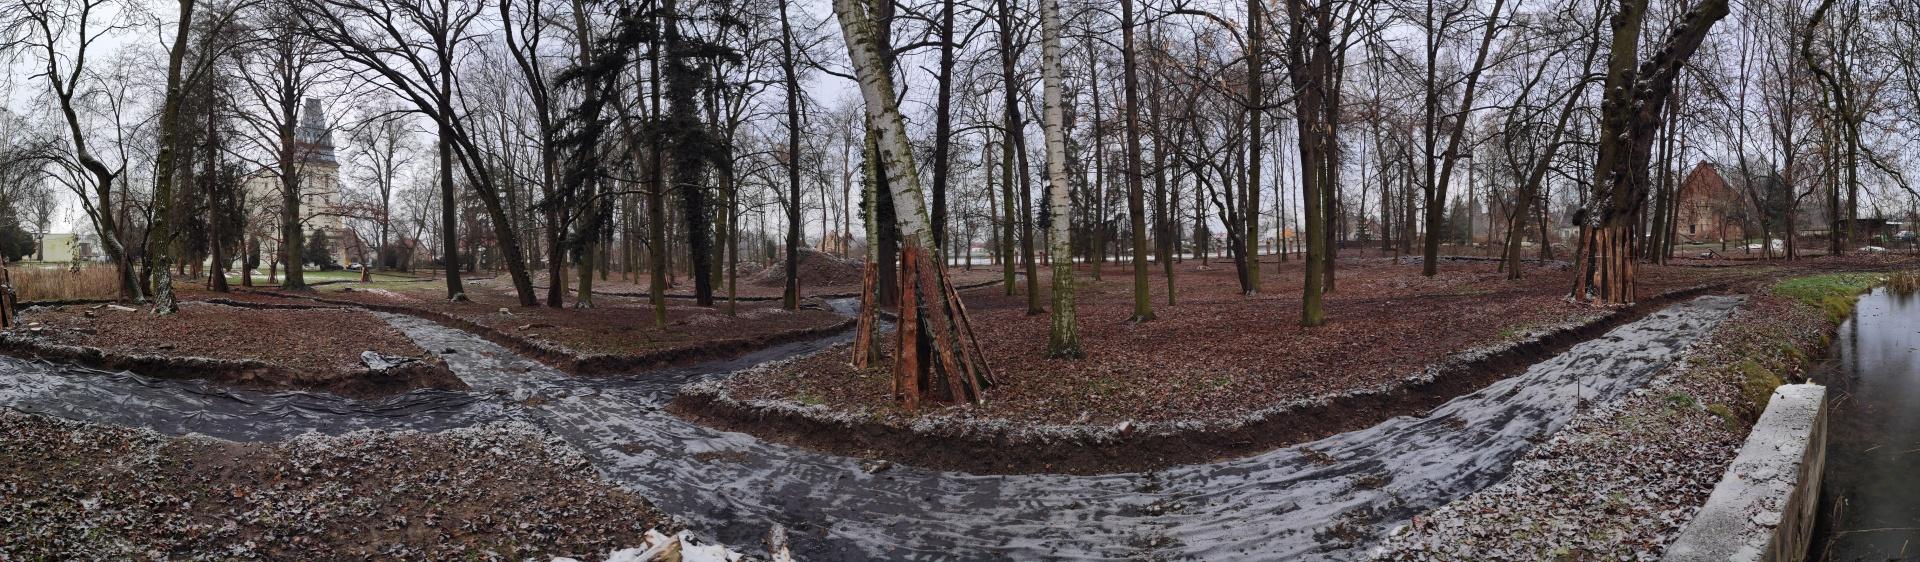 park-panorama.jpeg